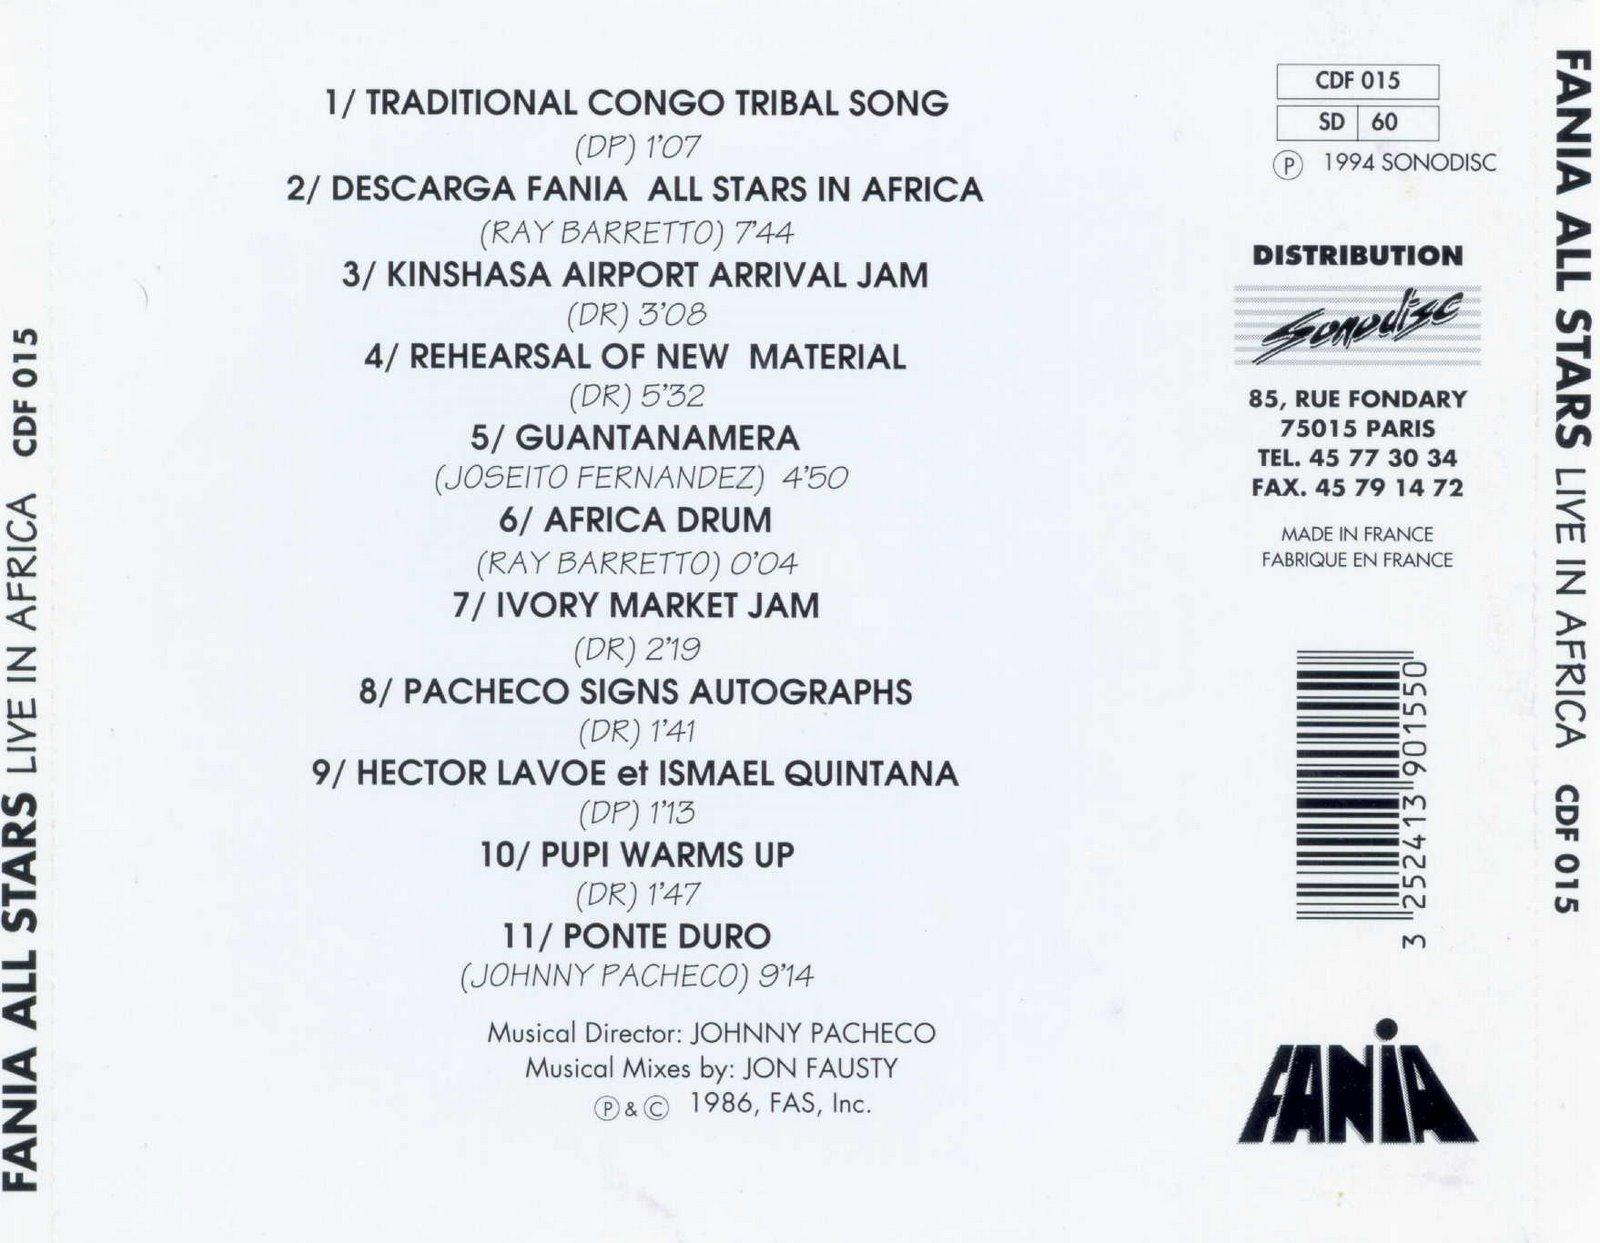 Faniaall Stars Liveinafricaii